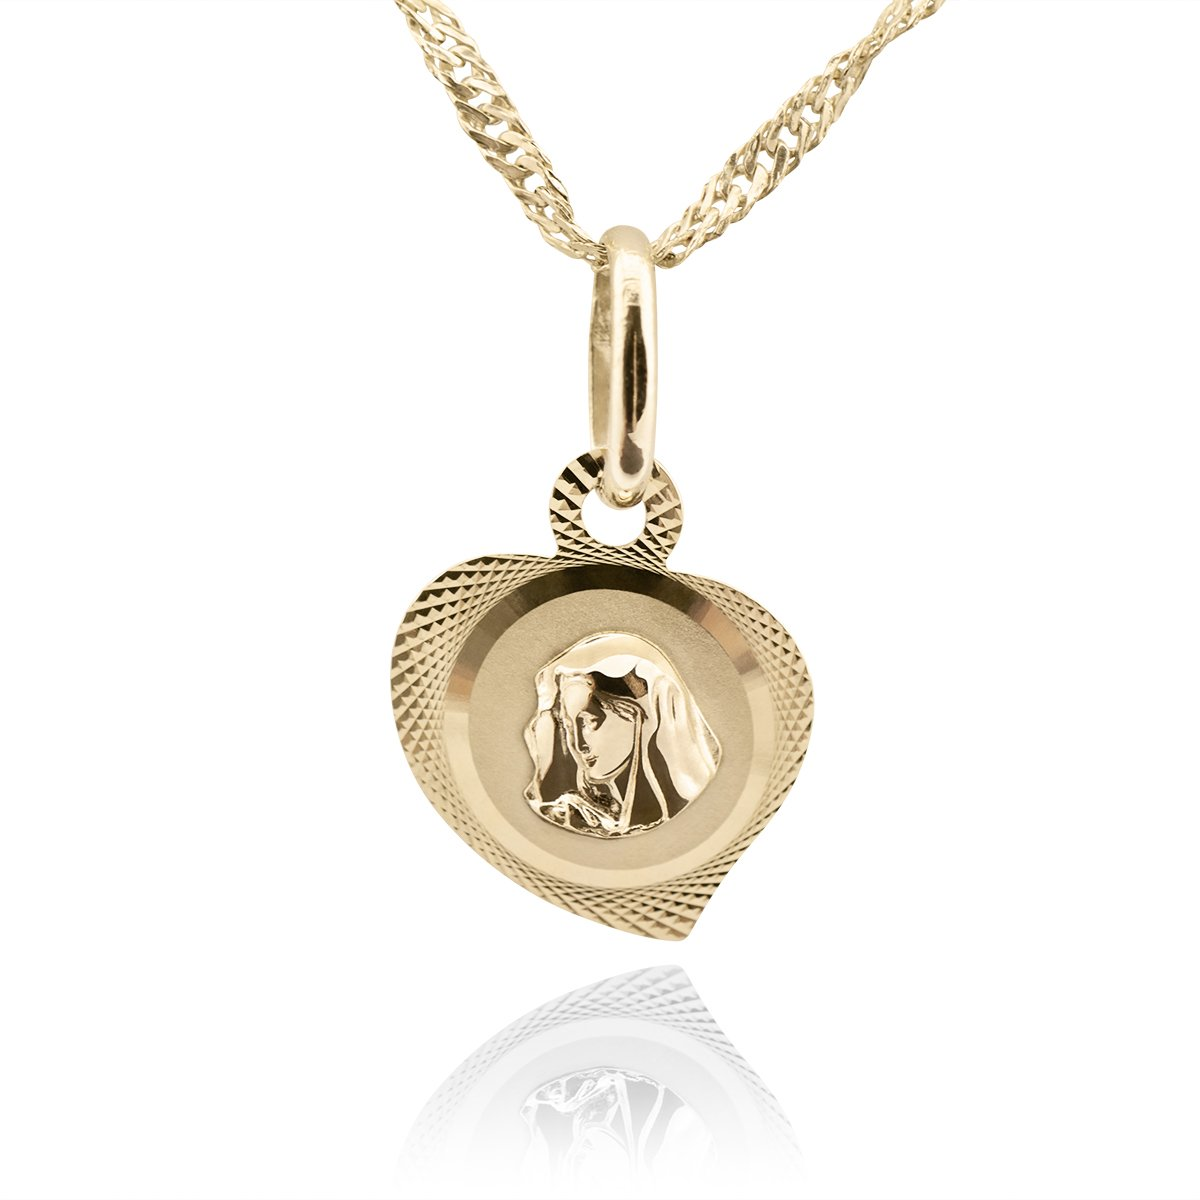 Złoty medalik łańcuszek Matka Boska serduszko pr. 585 Chrzest Komunia Grawer